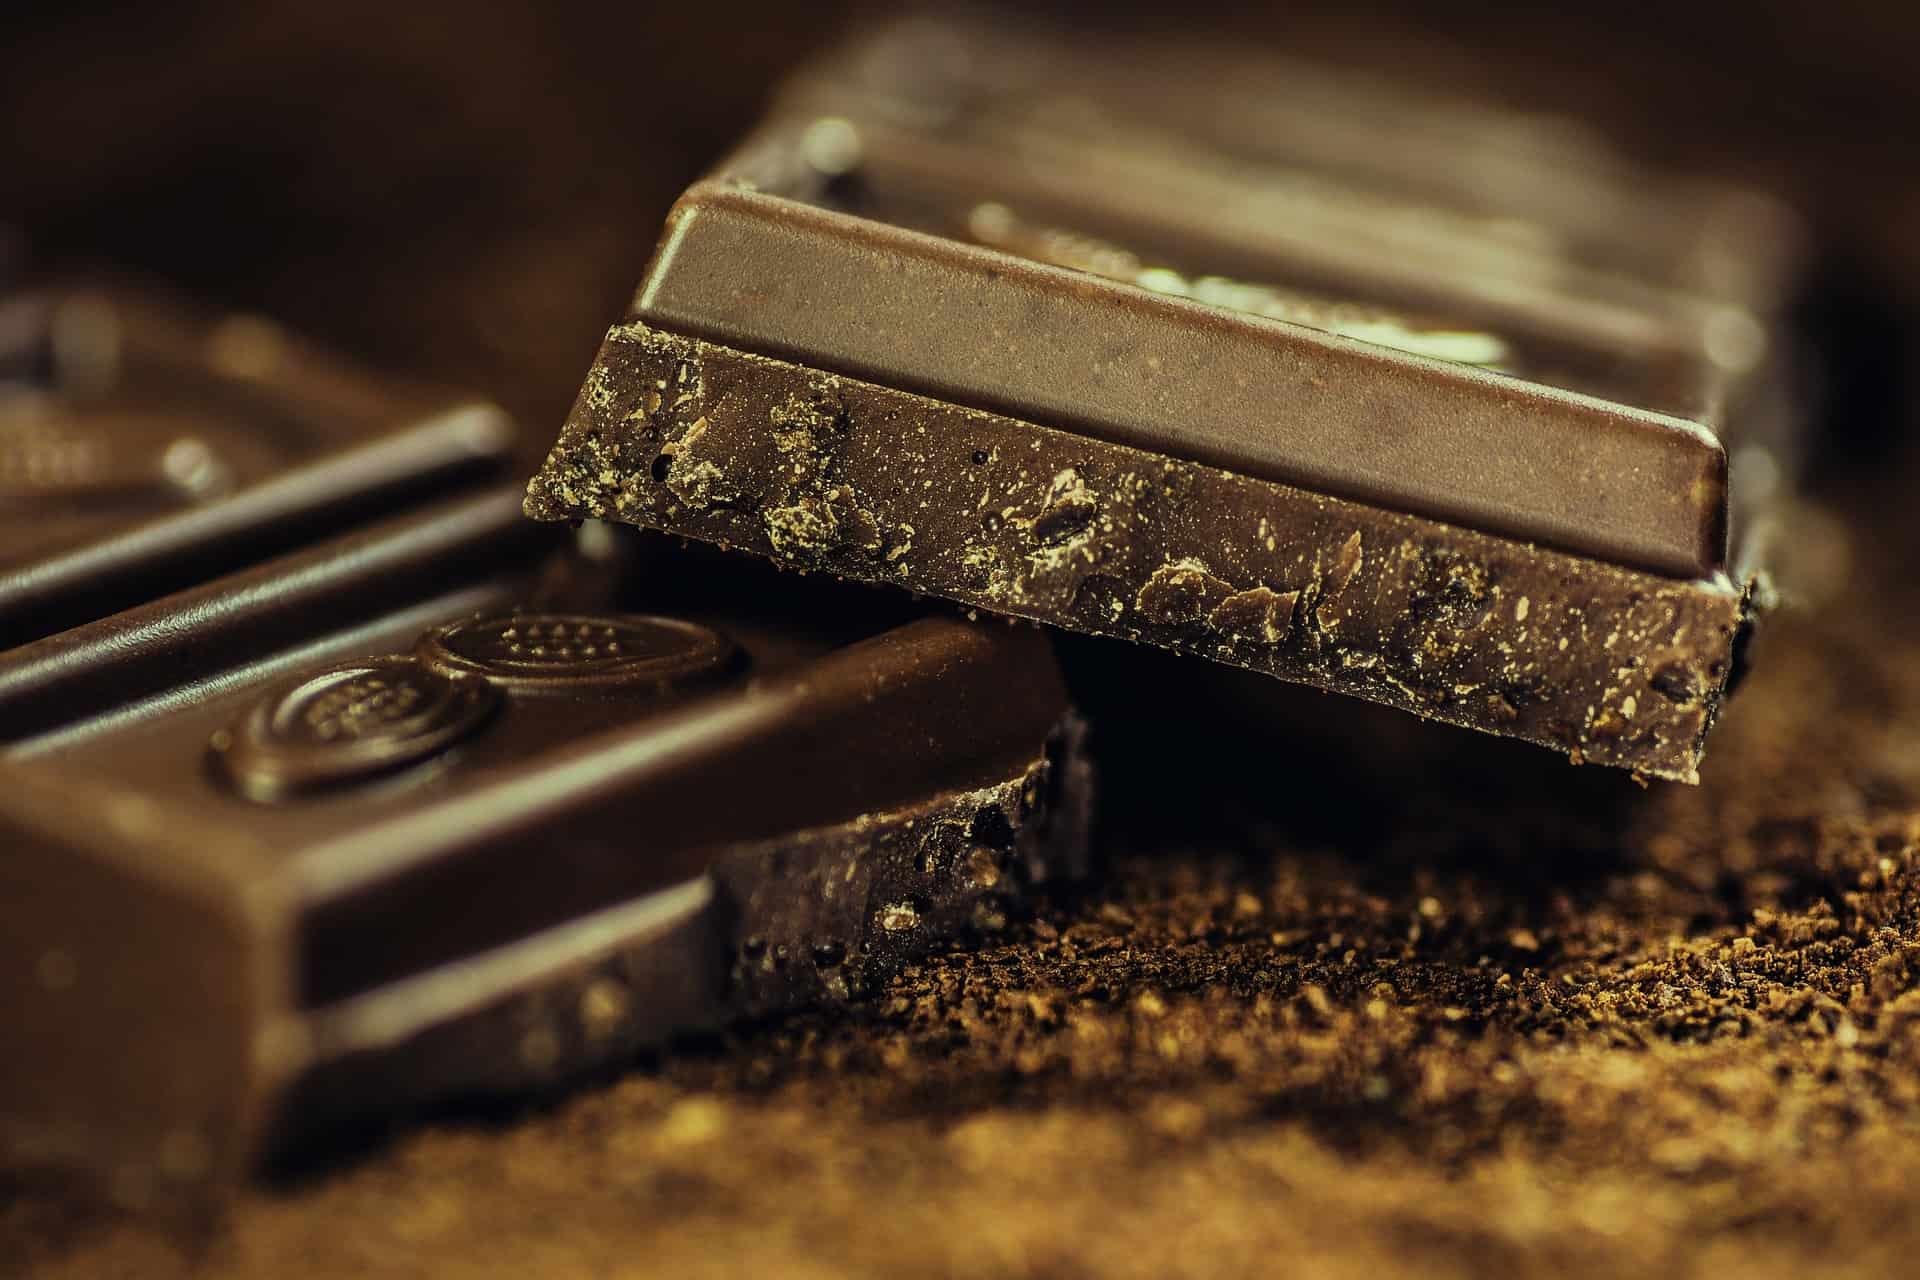 Laktosefreie Schokolade: Test & Empfehlungen (10/20)